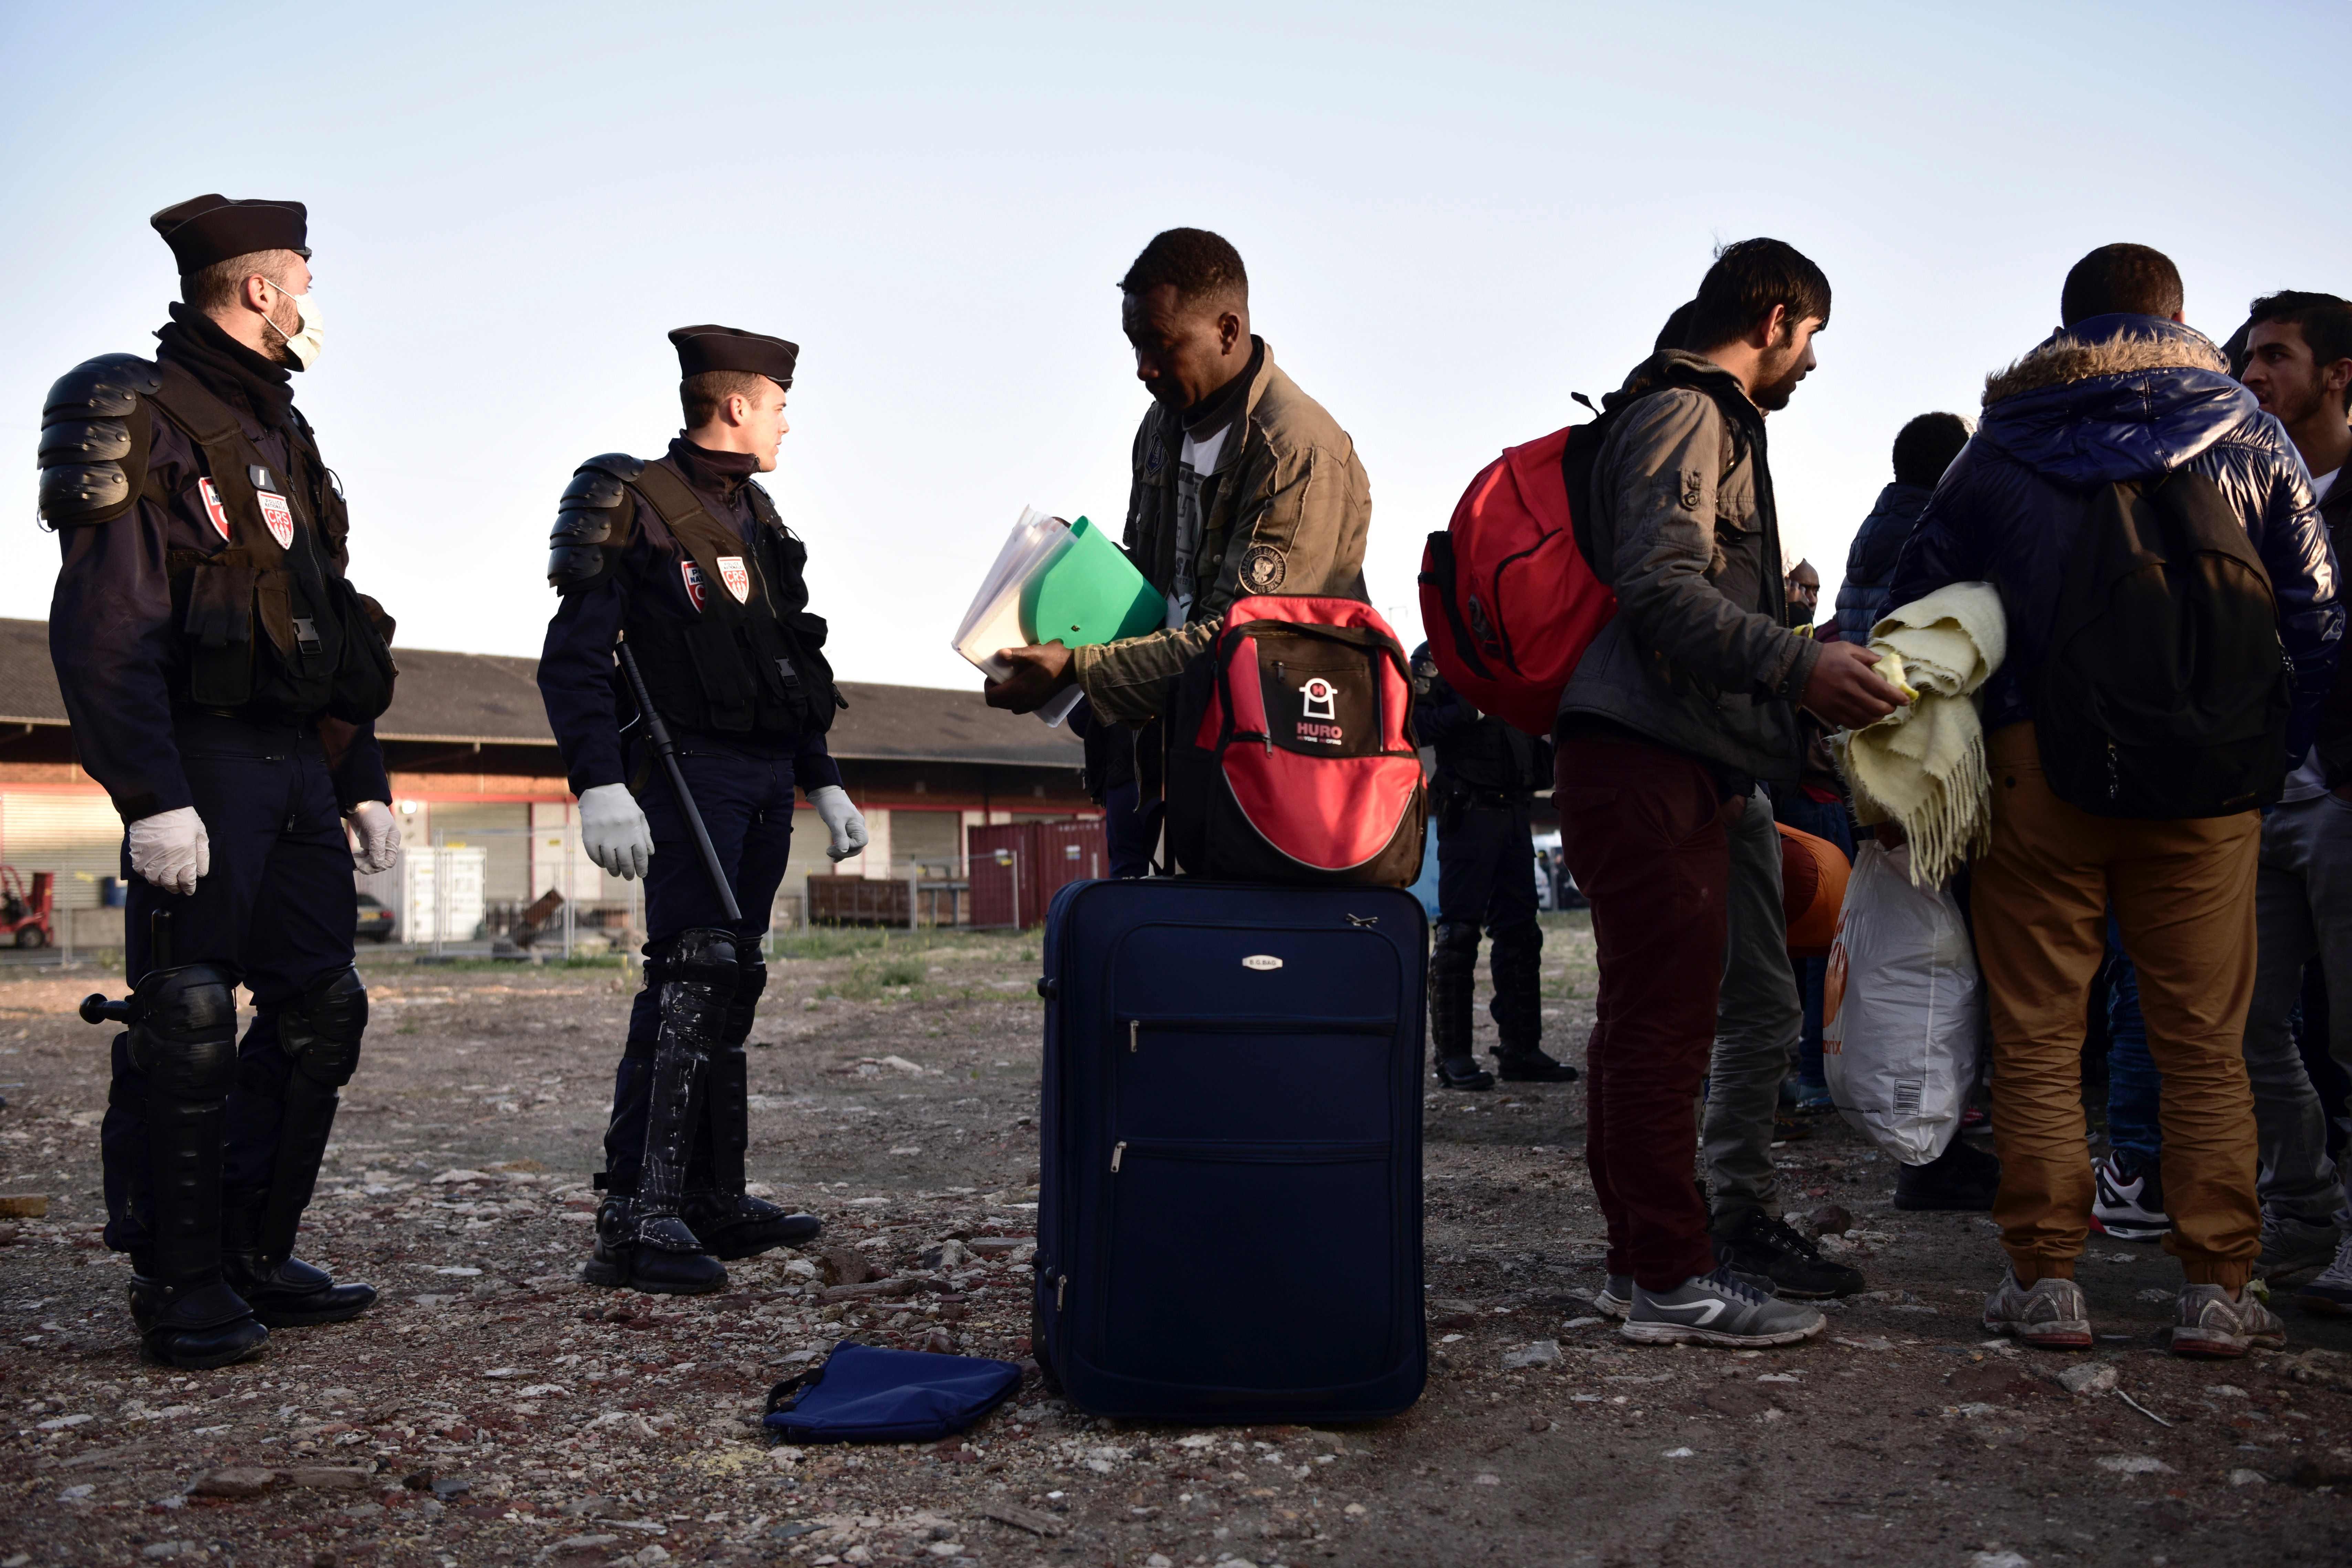 الشرطة الفرنسية تخلى مخيم للاجئين بباريس